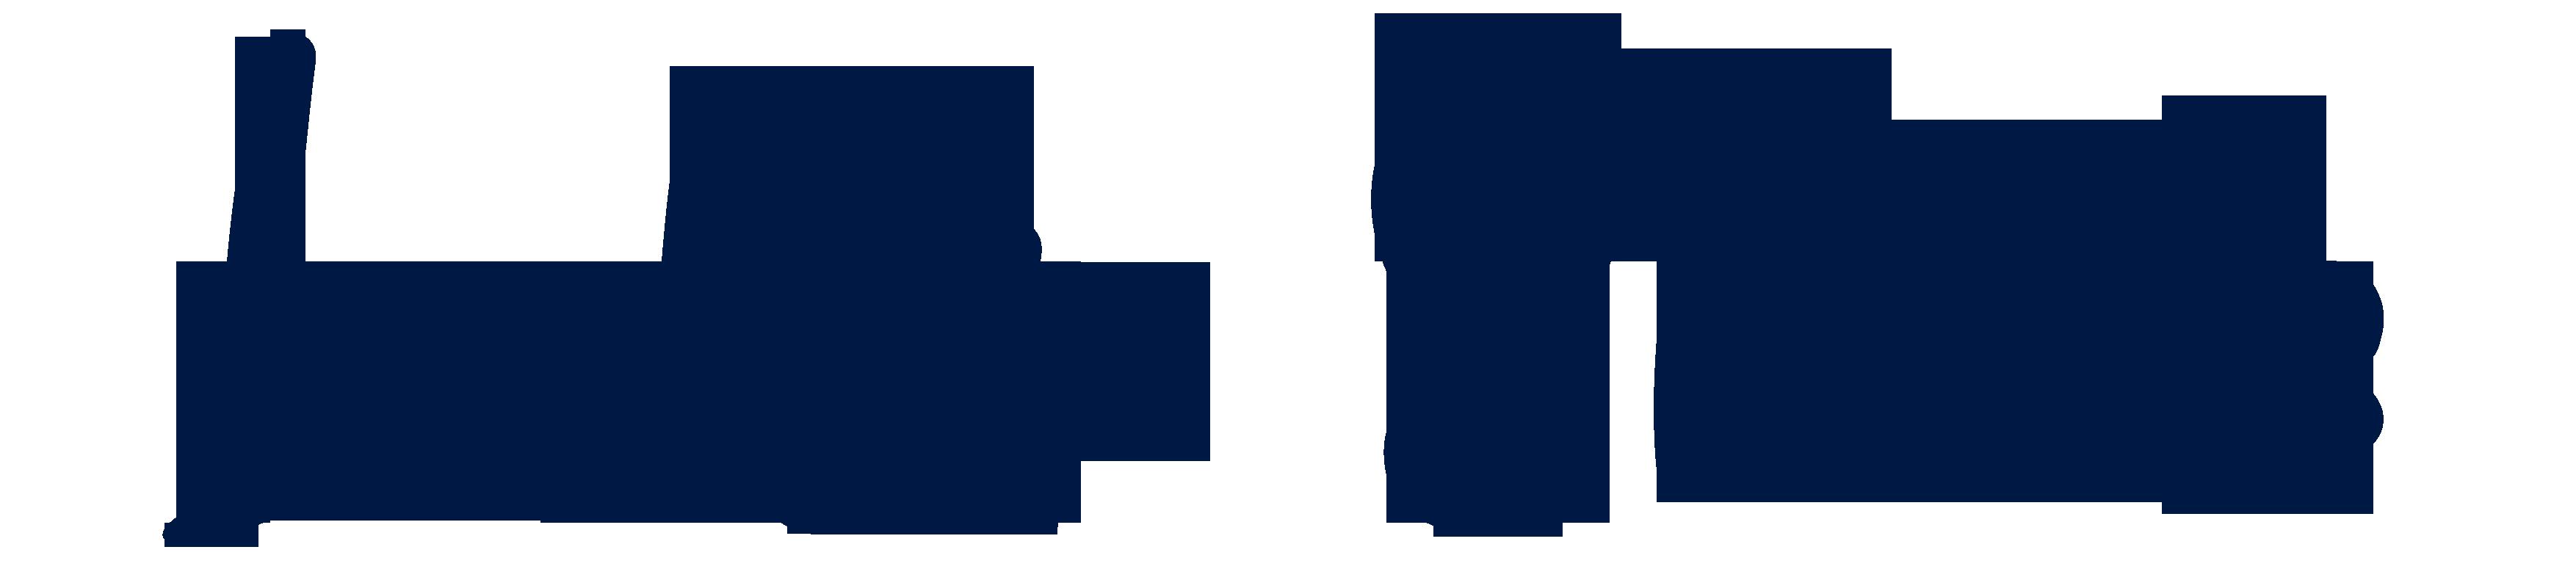 Lekka Shirts